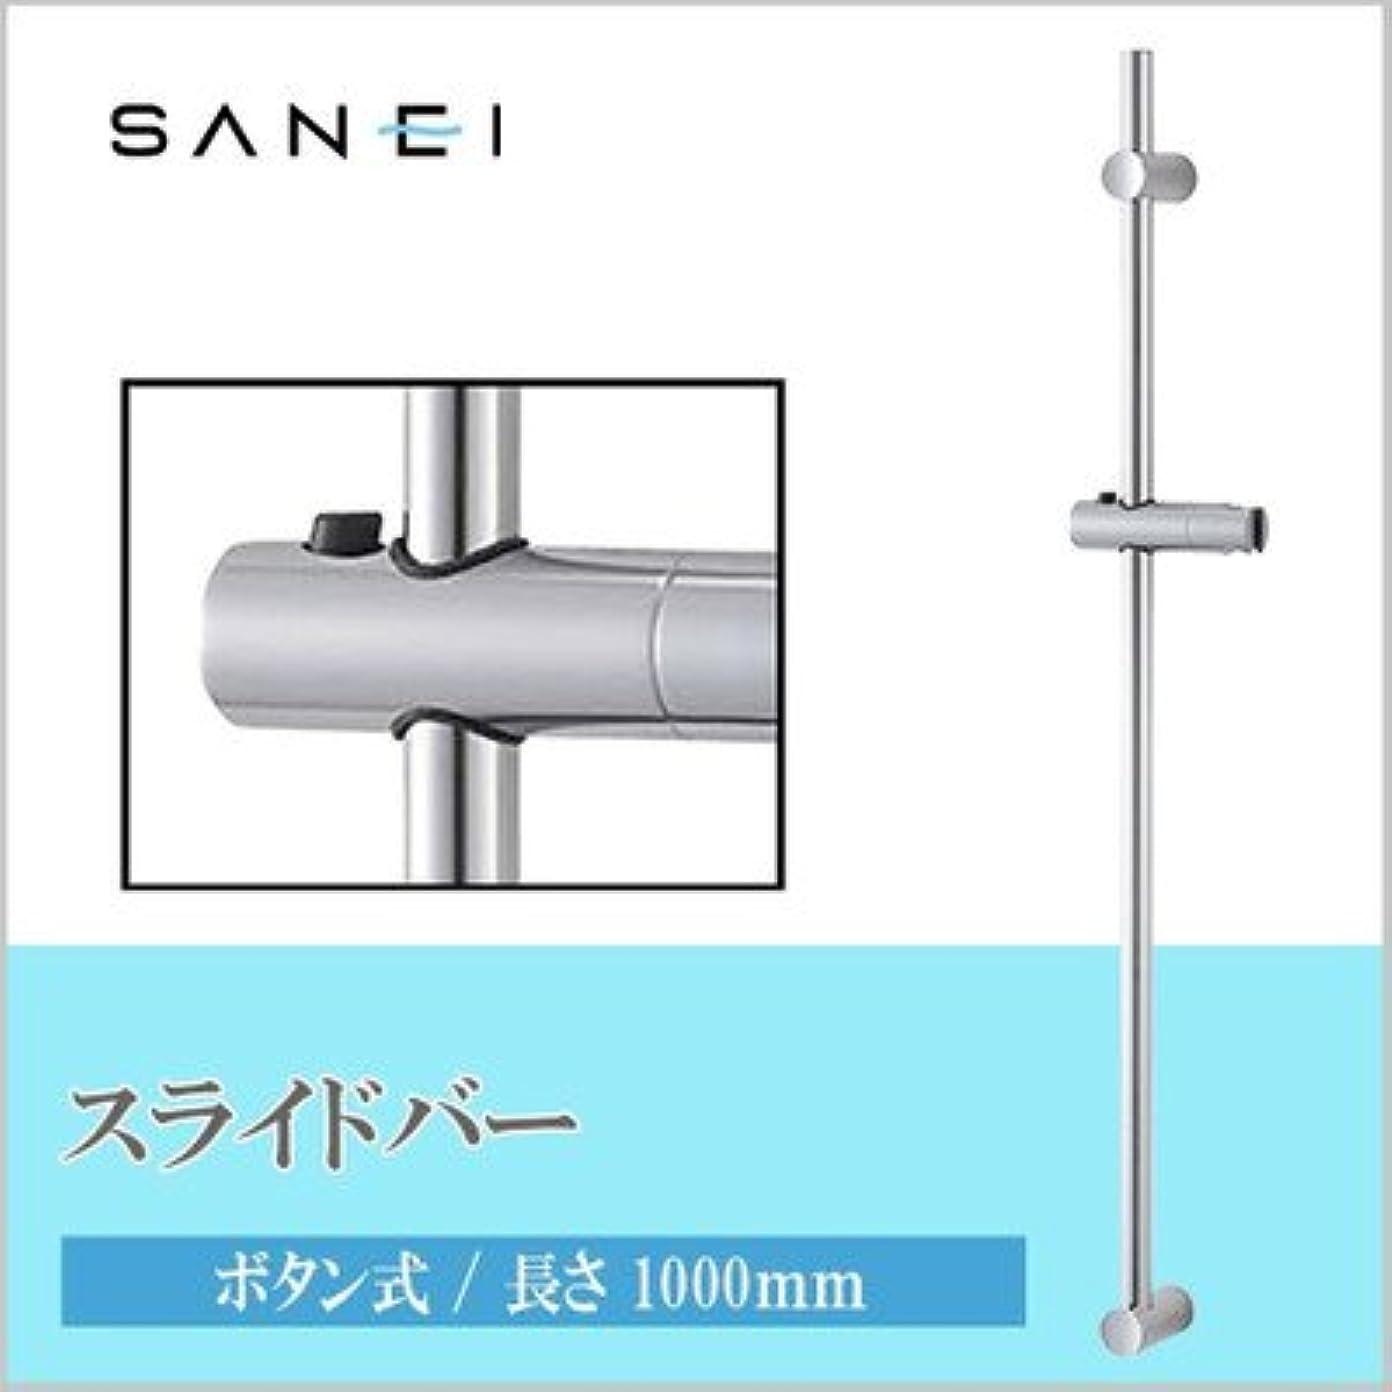 ディベートピンク人道的バスルームをもっと快適に 三栄水栓 SANEI スライドバー ボタン式 W5853S-1000